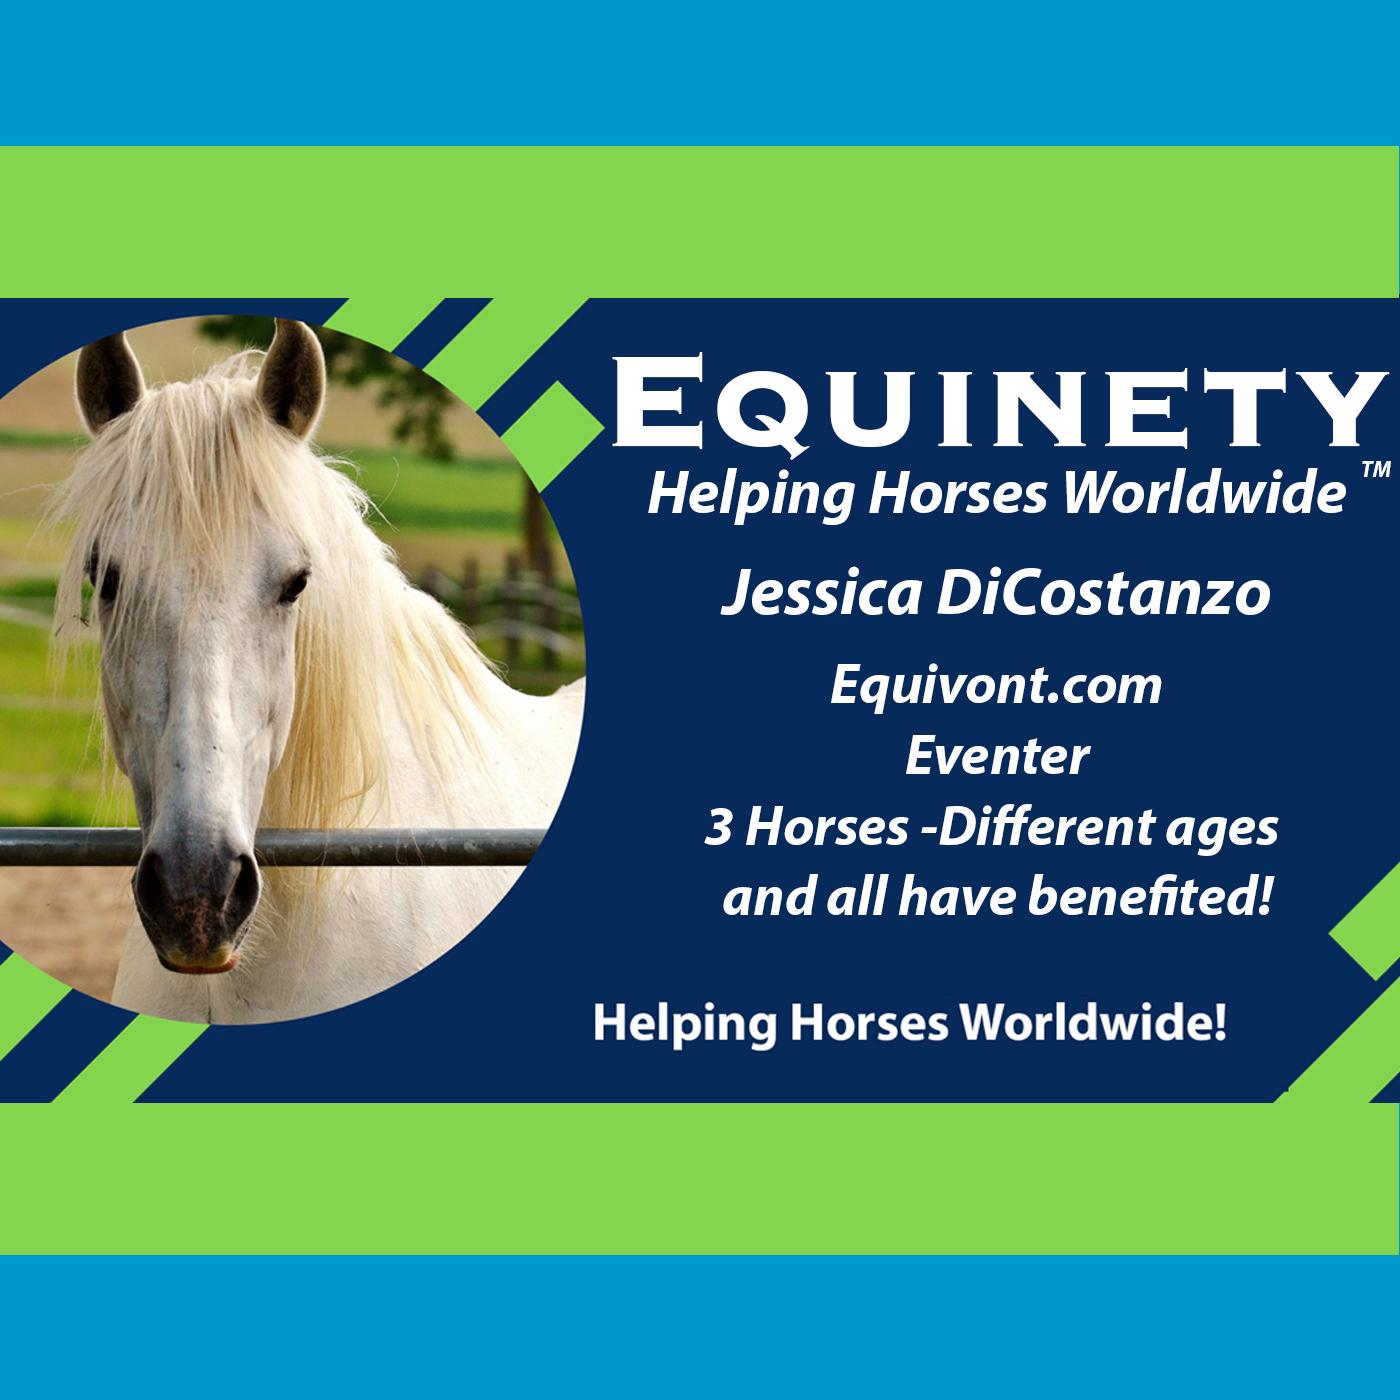 Equivont.com - Jessica DiCostanzo - Eventer - 3 Horses and amazing results